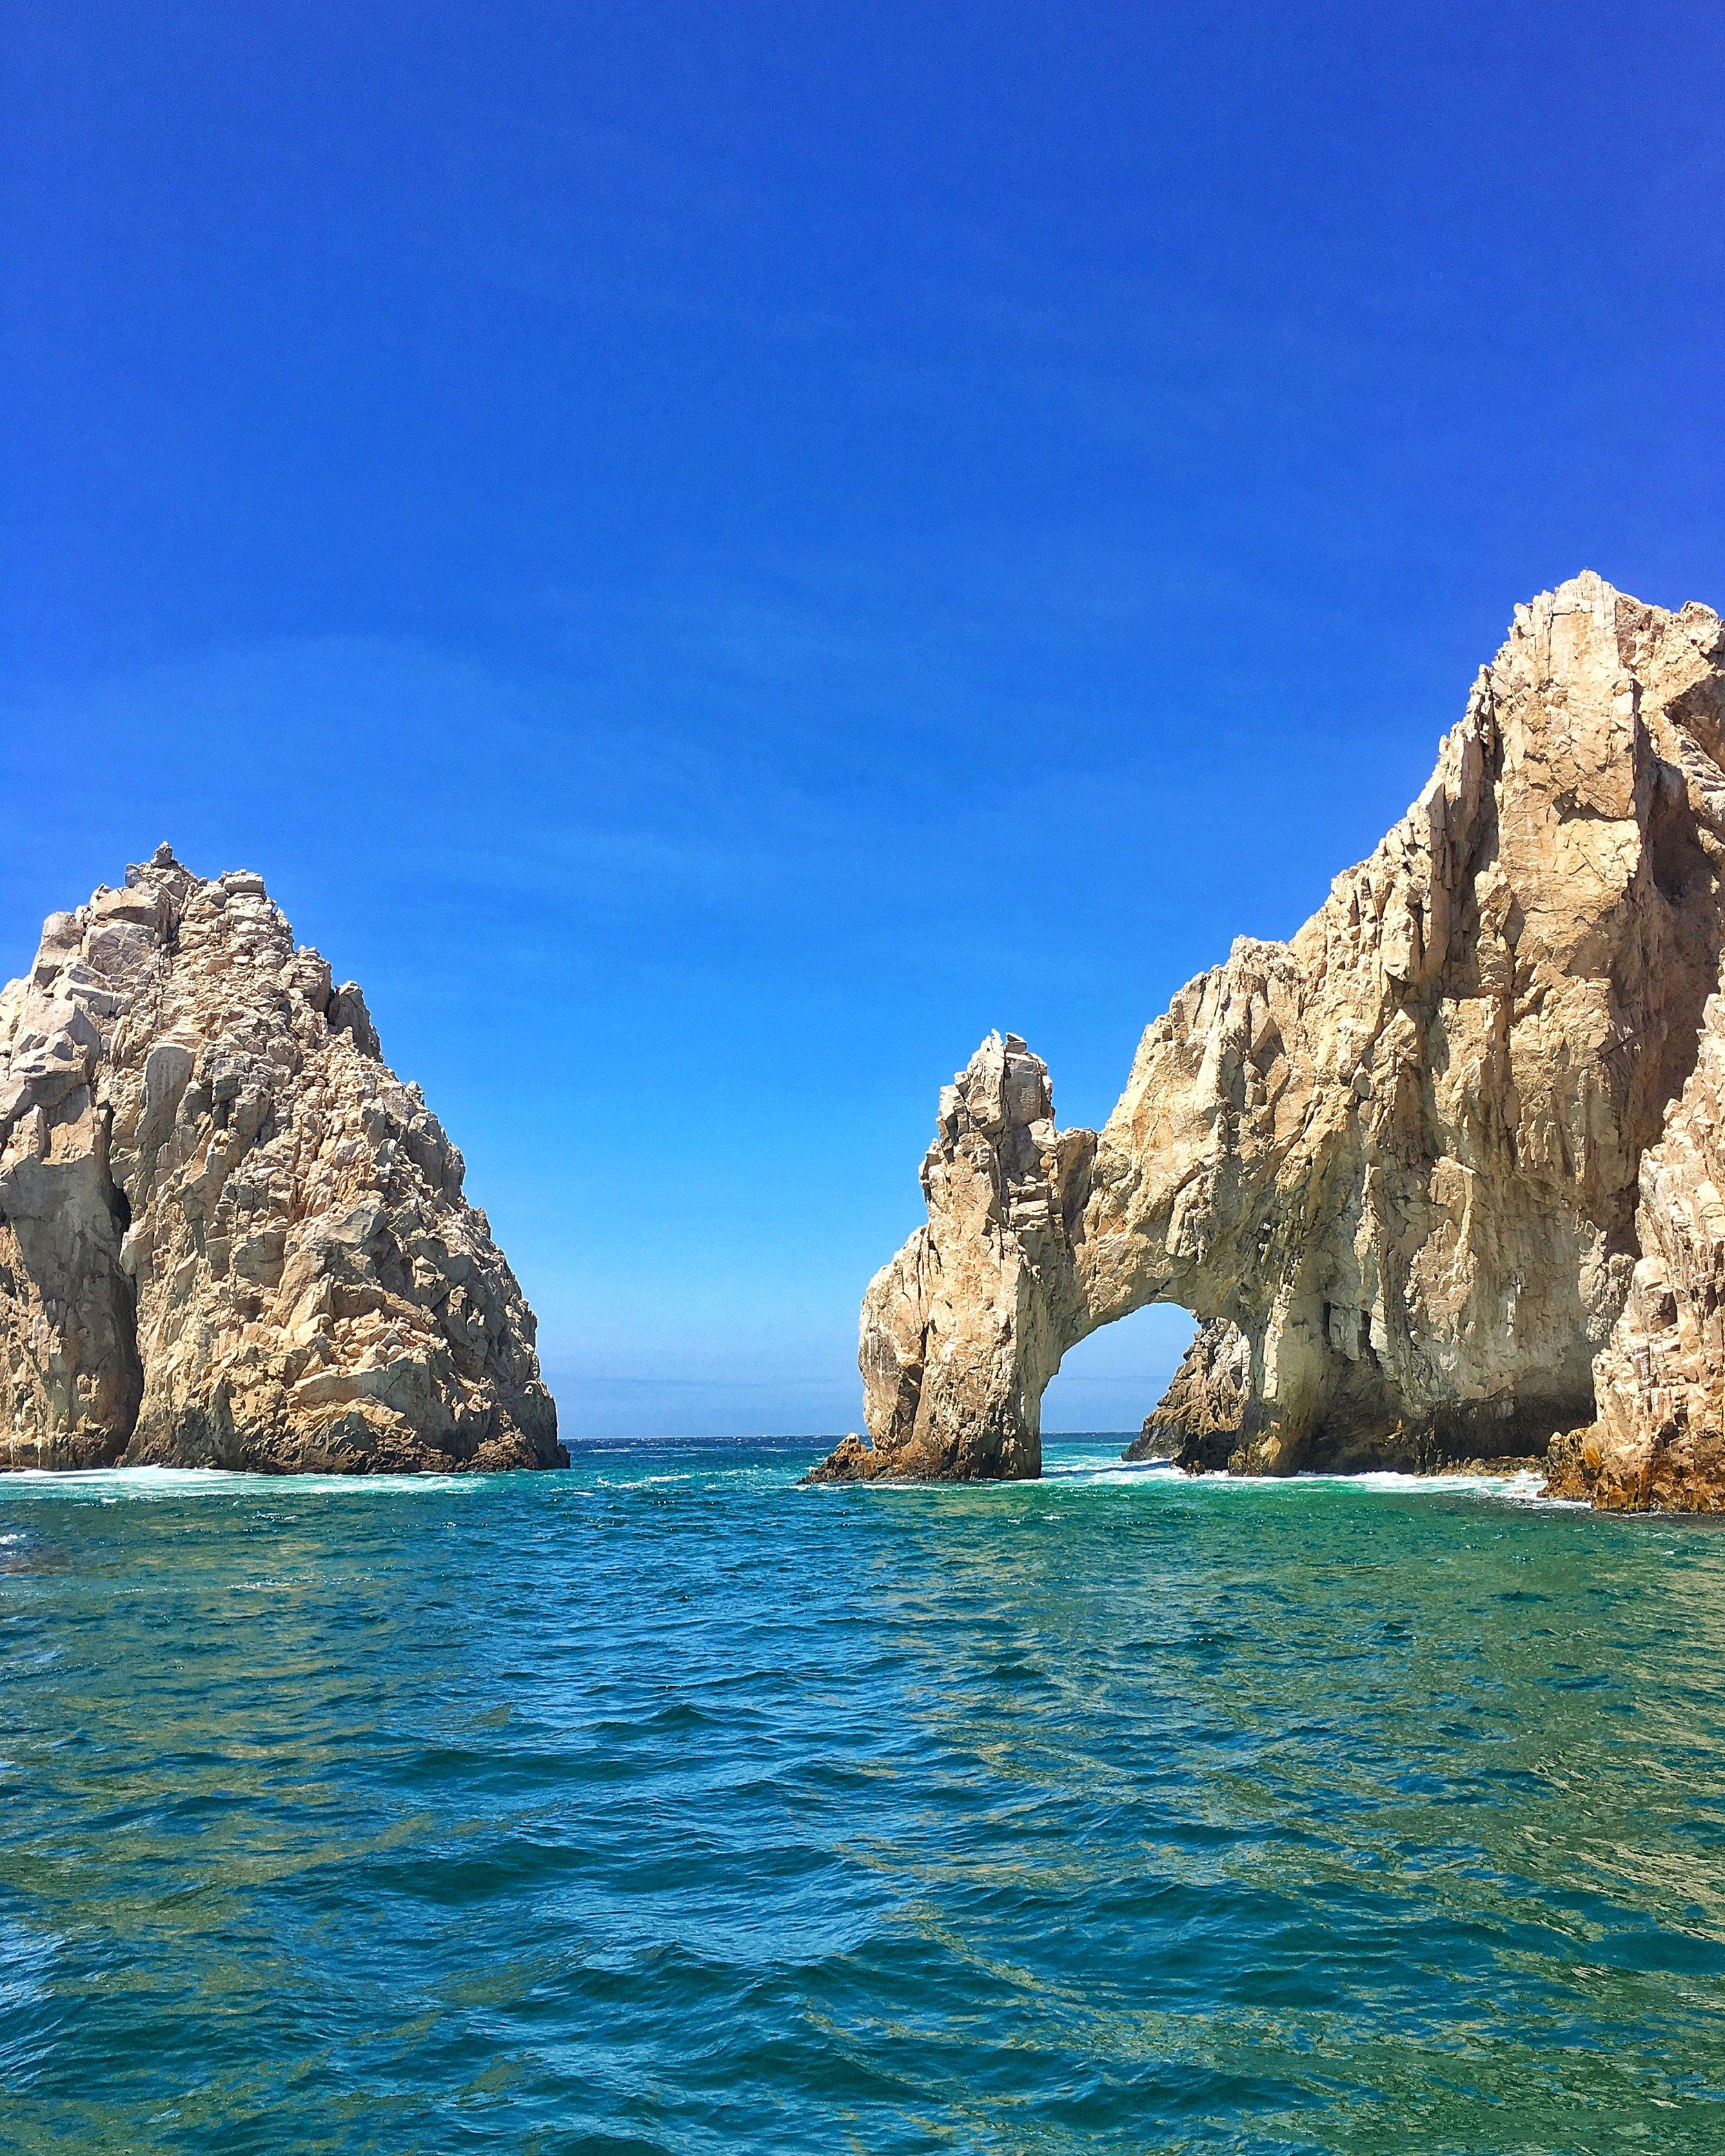 The Arch Cabo-estilonyc.com